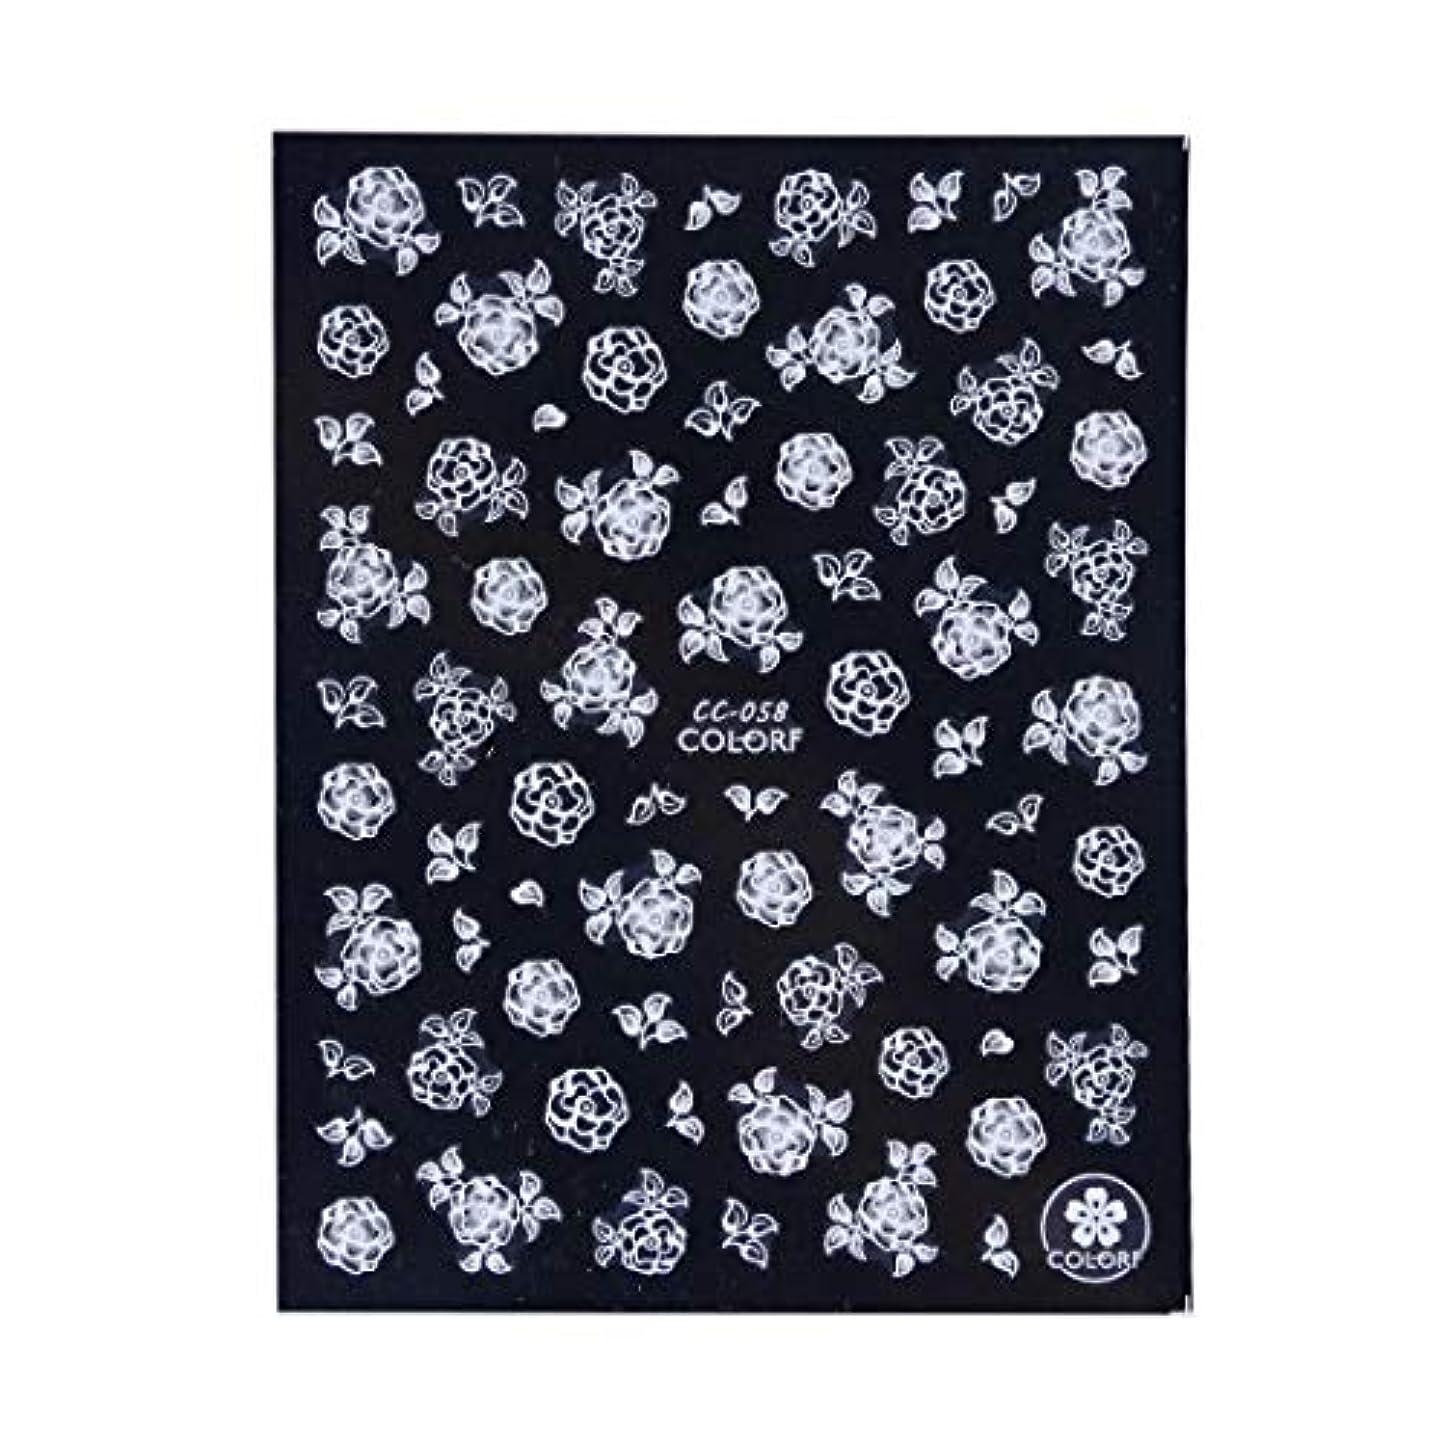 ブラウザ保証する粘液SUKTI&XIAO ネイルステッカー 白い花のネイルアートのステッカーのステッカーの蝶葉はスライダー3Dの自己接着釘の装飾、Cc058を設計します